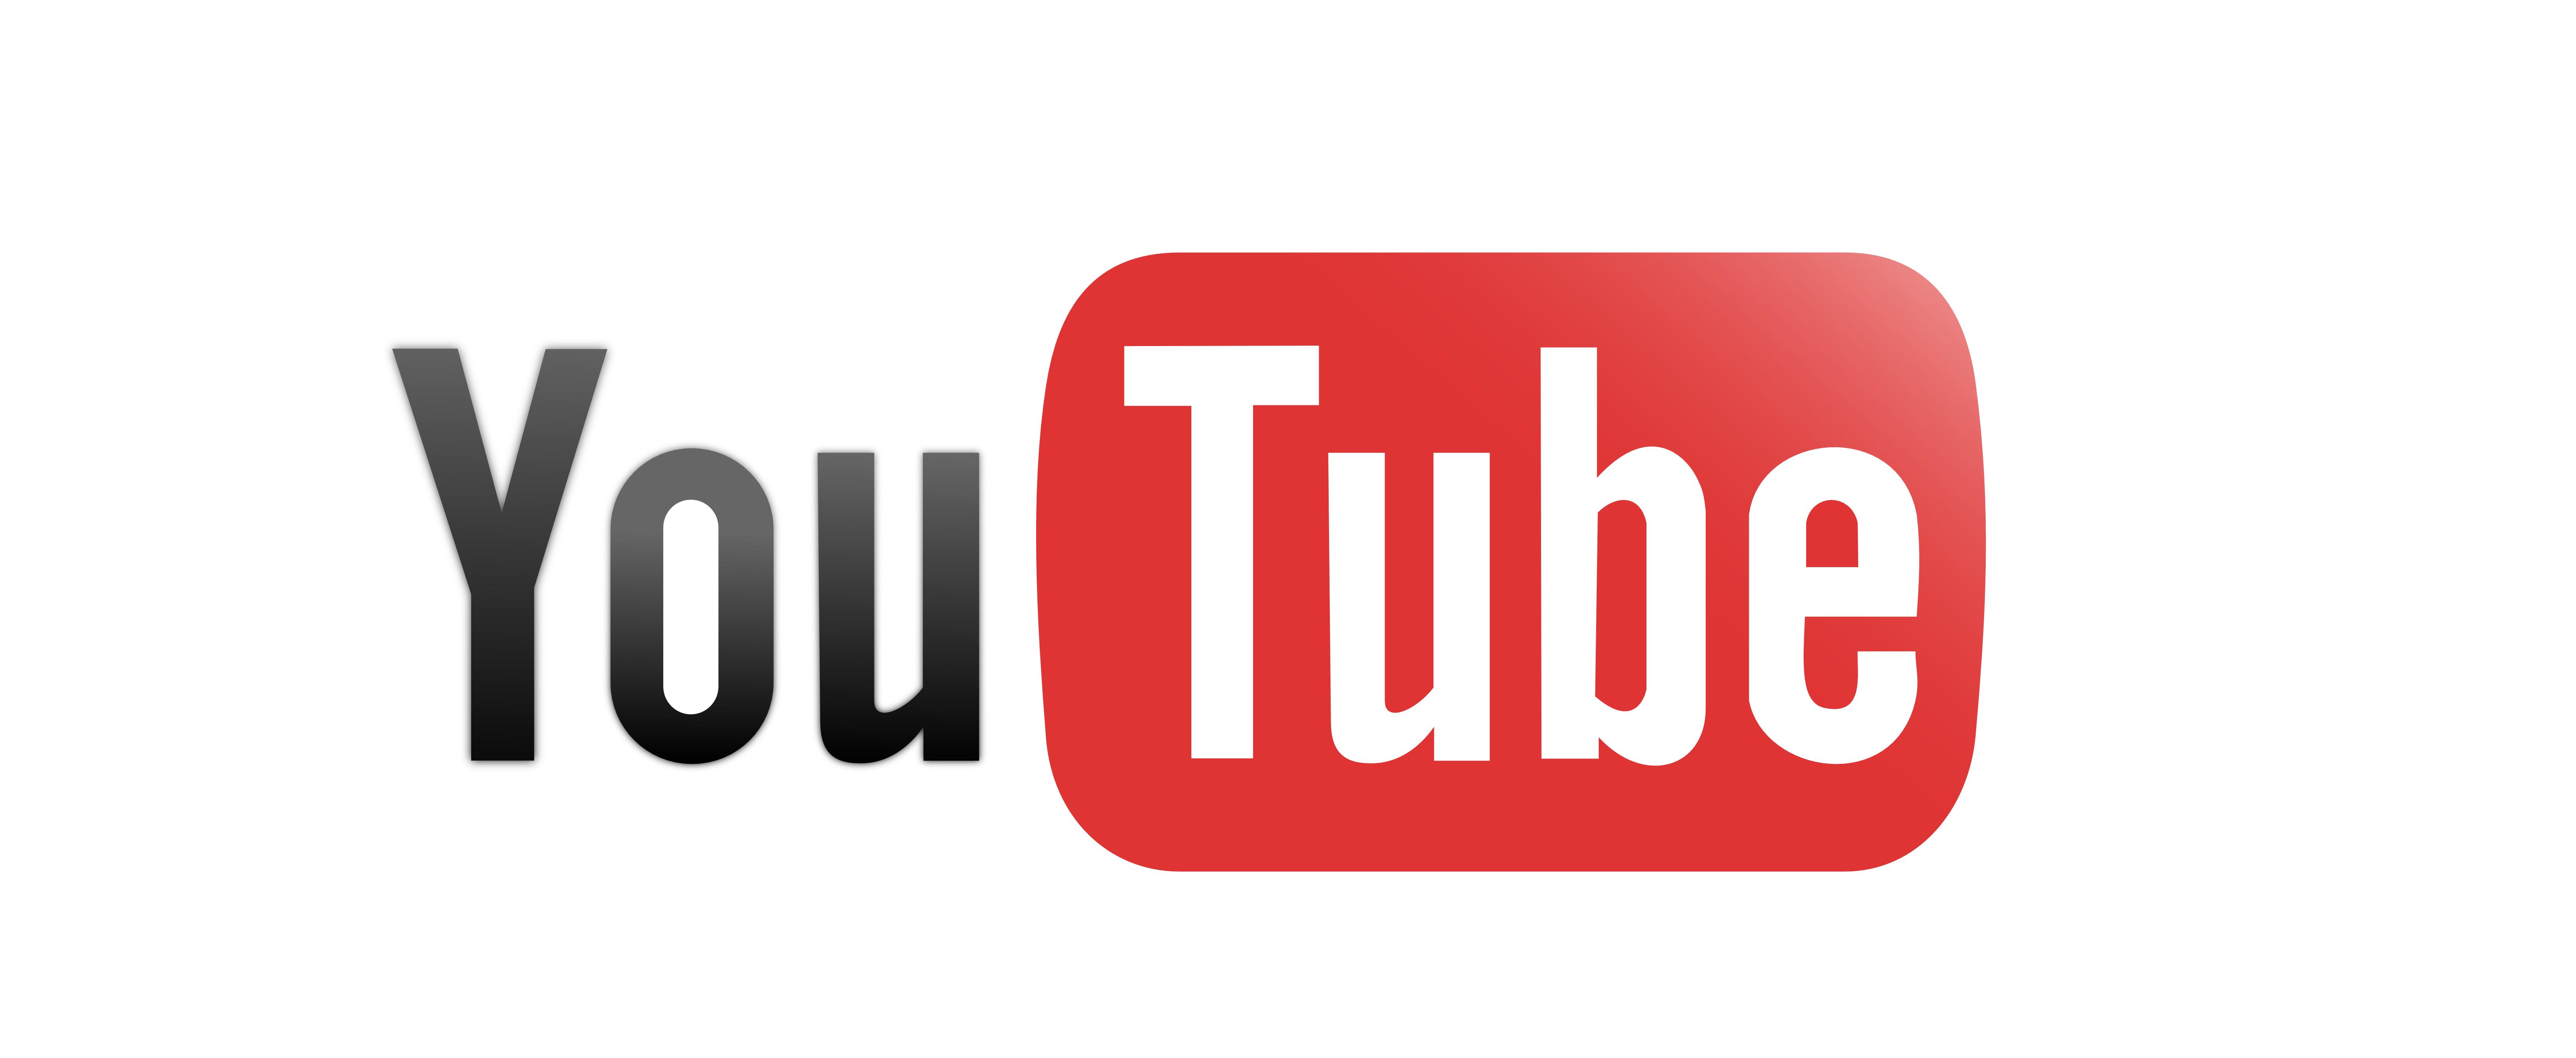 Youtubeye DNS ile giriş yöntemi